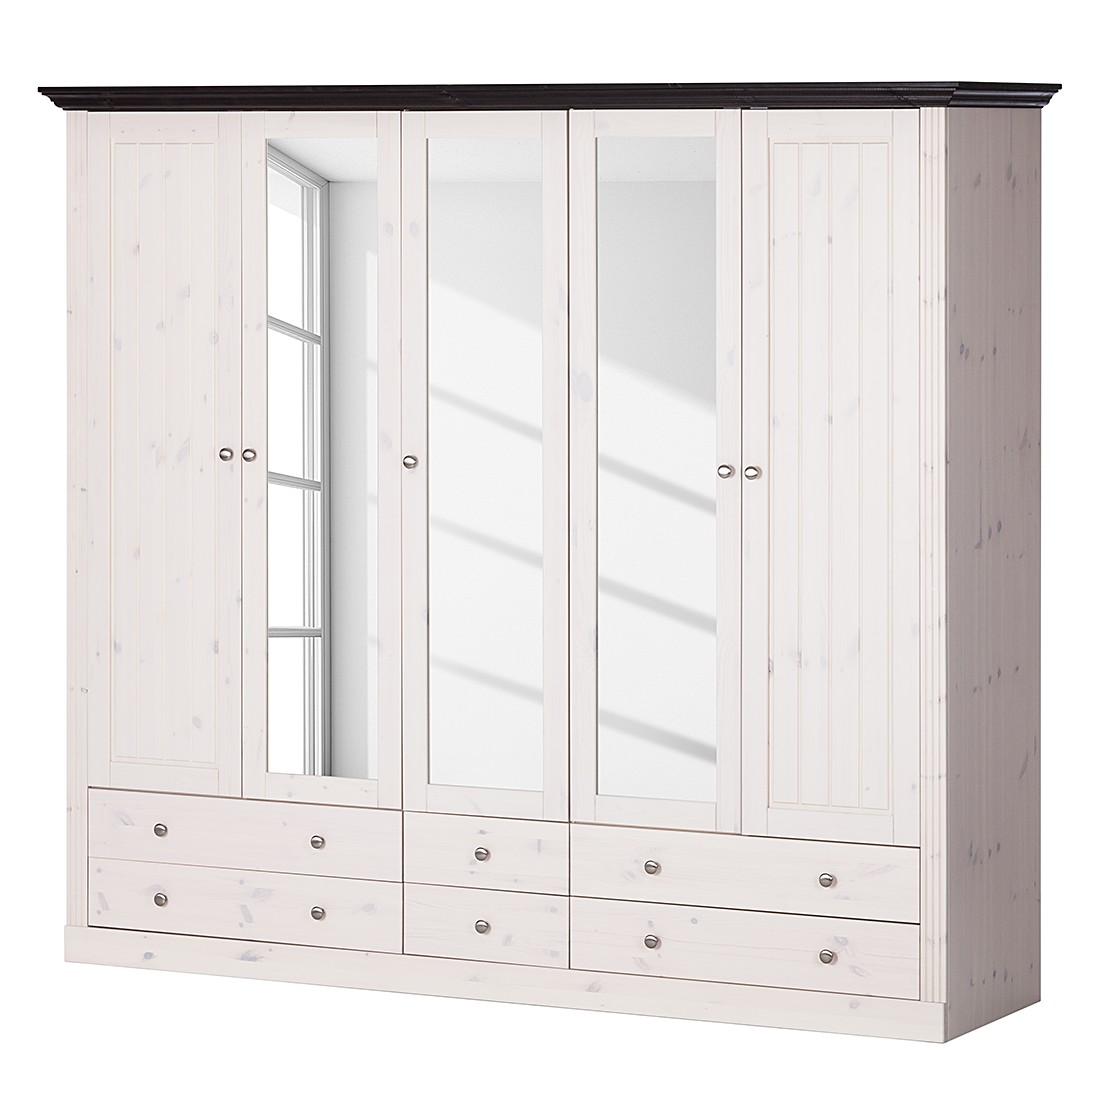 Armoire à vêtements Lyngby I - Pin massif - Blanc / Gris minéral - Blanc / Wengé, Maison Belfort